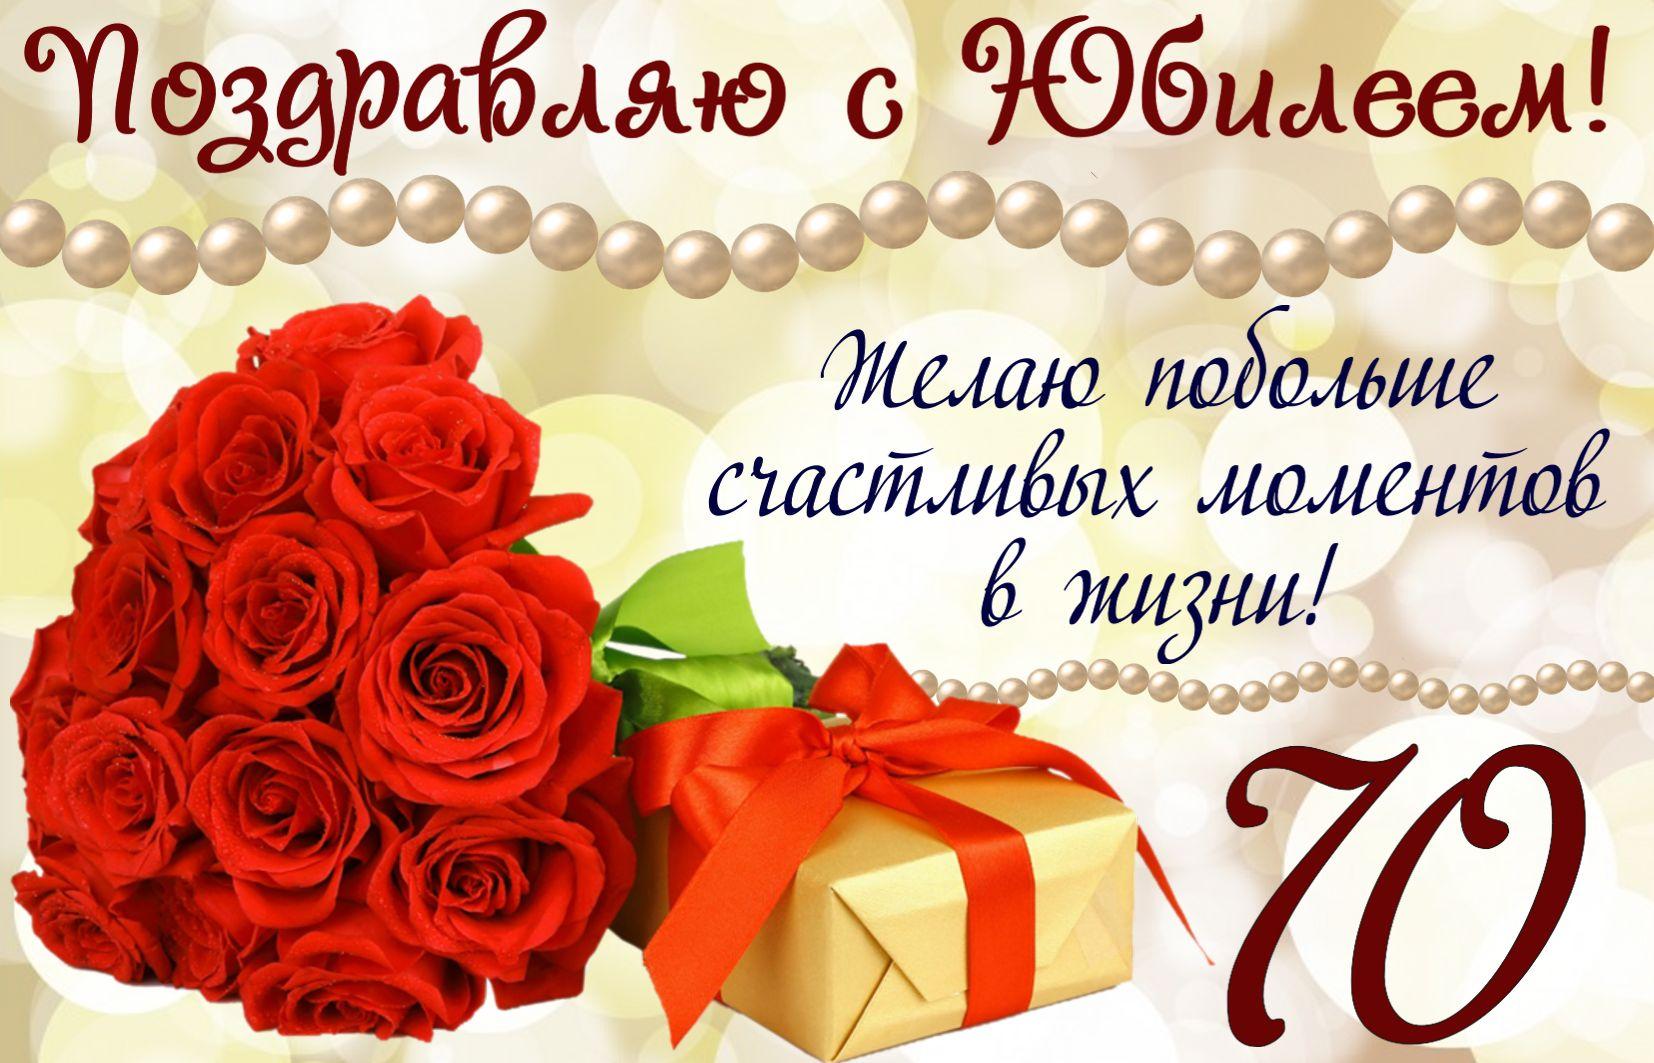 Поздравления в прозе коллеге женщине на День Рождения